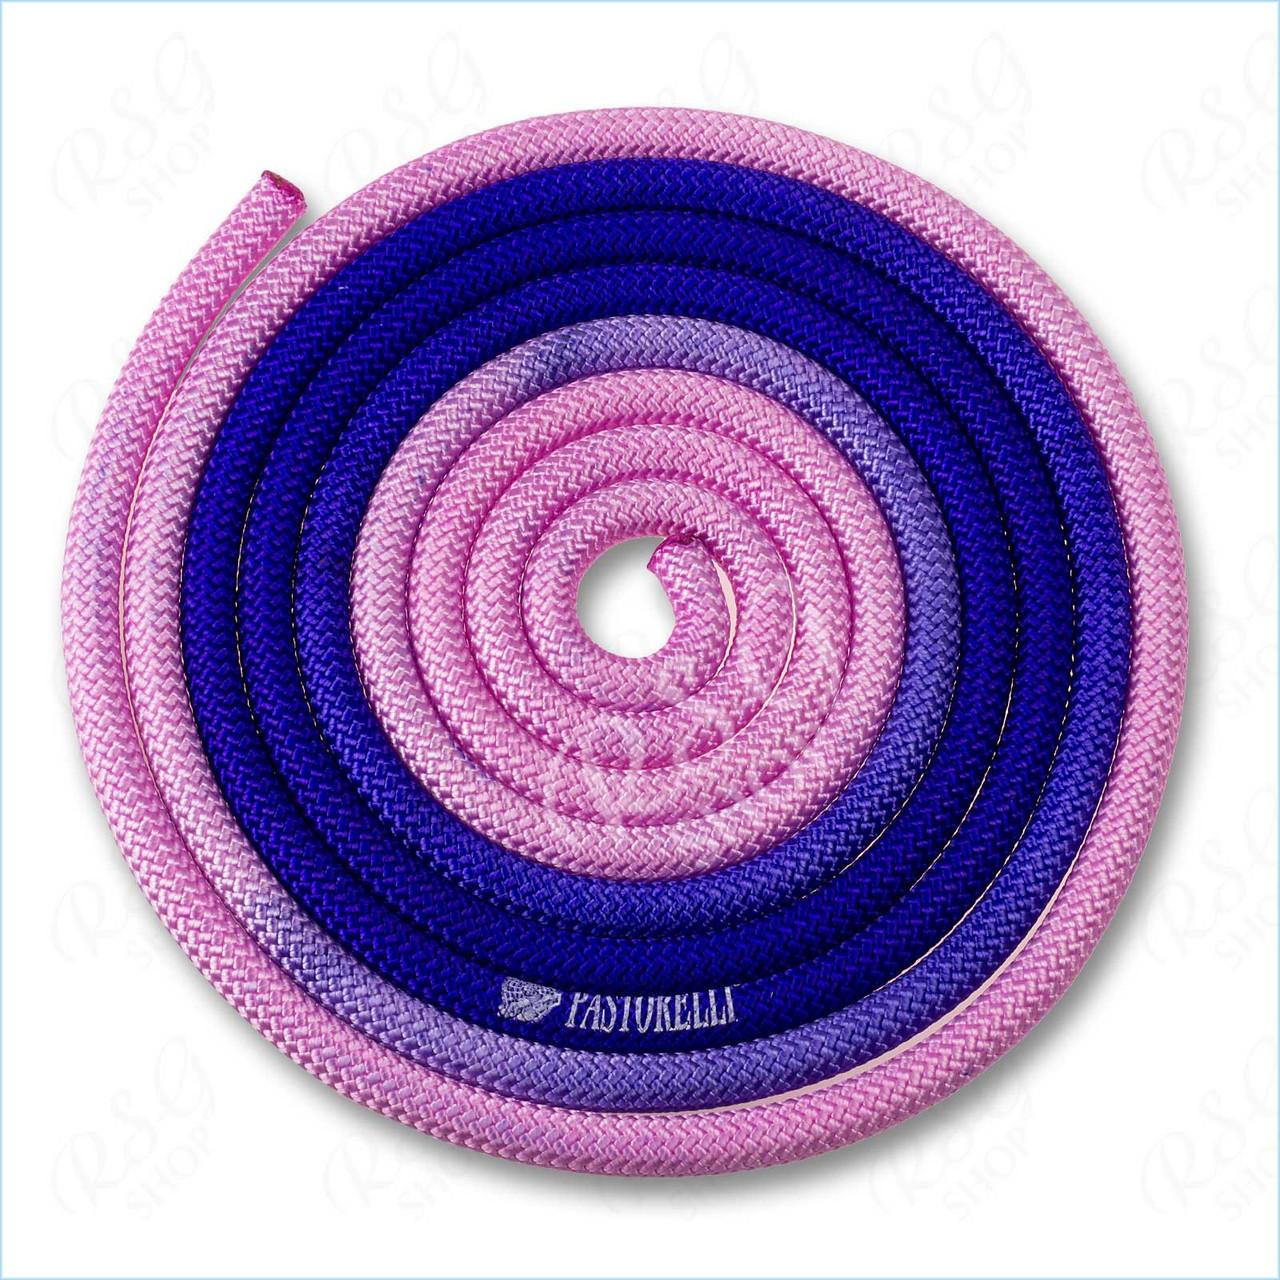 Скакалка Pastorelli New Orleans 3м полиэстер 04260 розовый-сиреневый-синий FIG